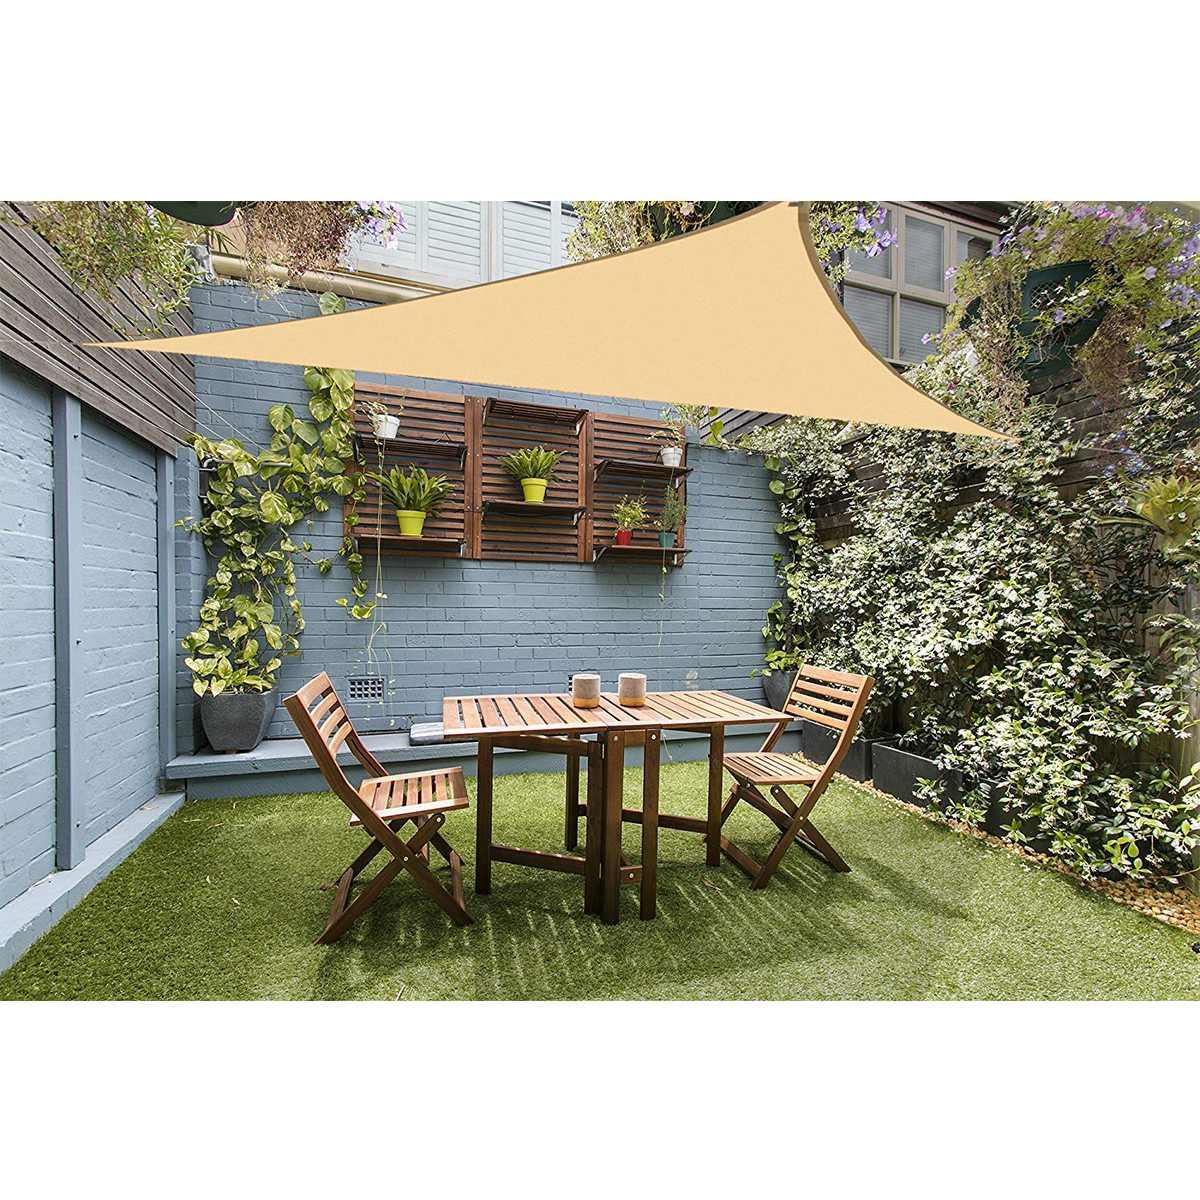 Beige destra triangolo 3x3x4.3 4x4x5.7 3x4x5 vela ombra casa patio esterno impermeabile e protezione dalle radiazioniBeige destra triangolo 3x3x4.3 4x4x5.7 3x4x5 vela ombra casa patio esterno impermeabile e protezione dalle radiazioni